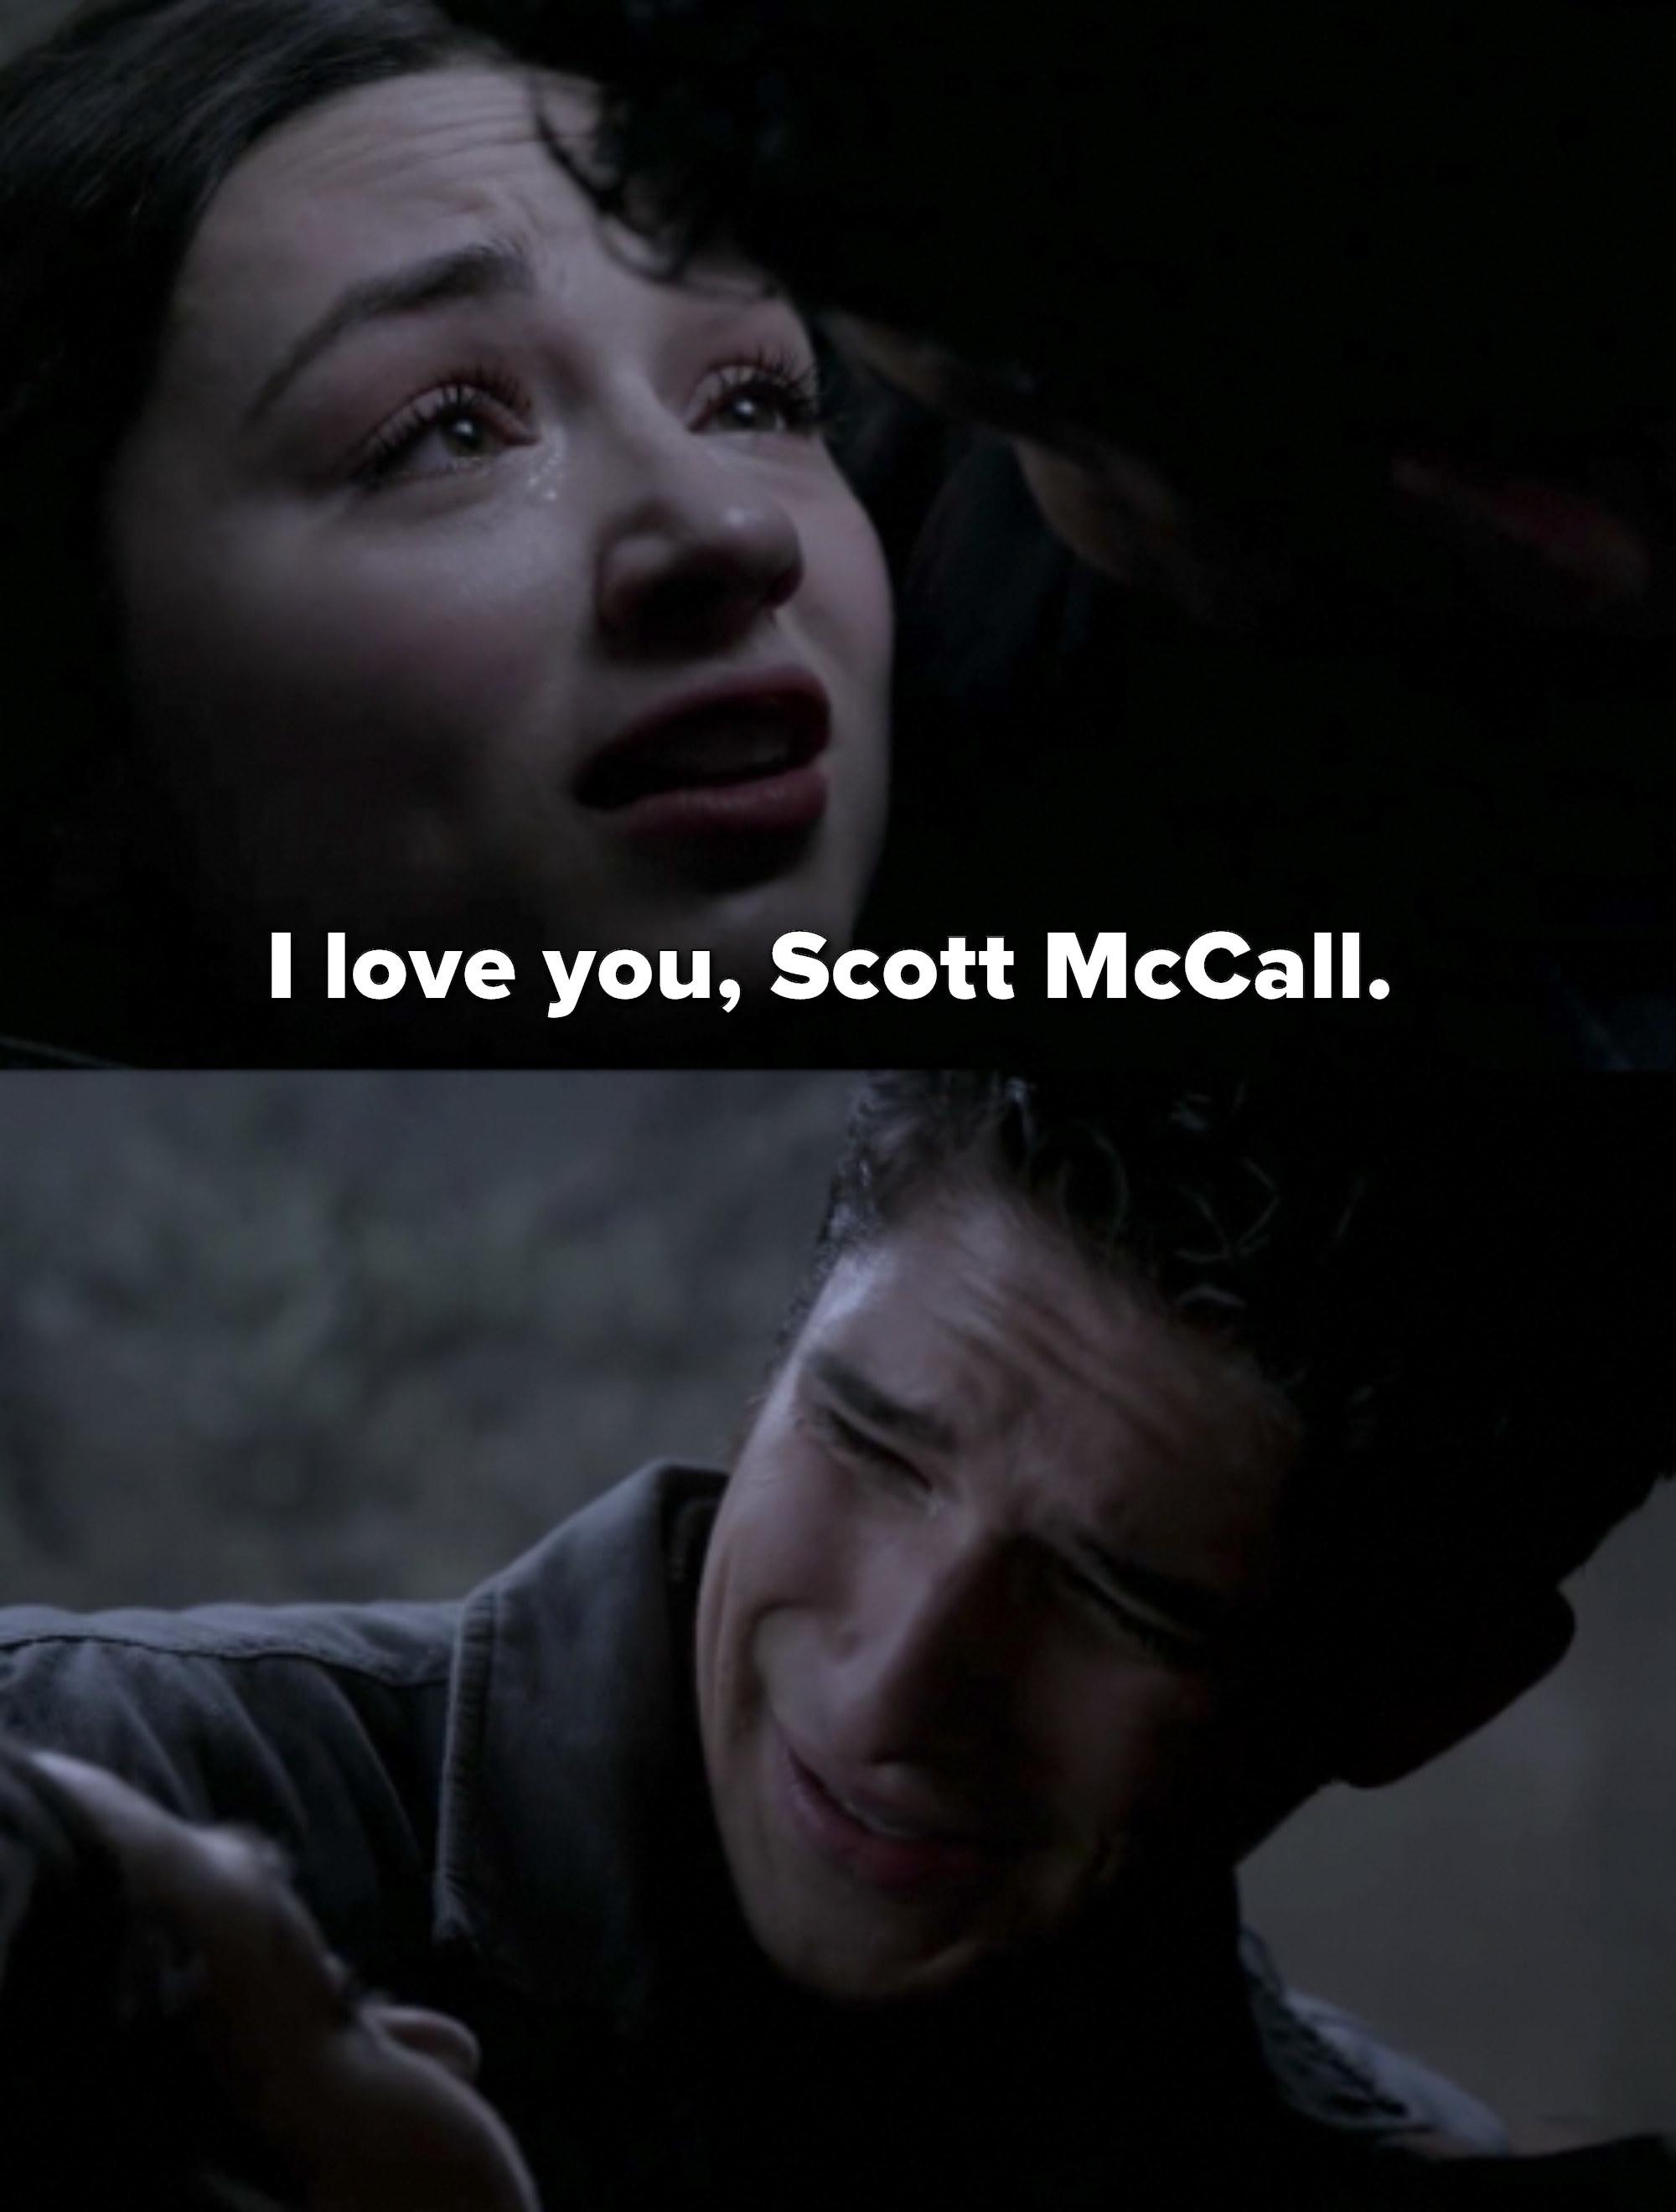 Allison tells Scott she loves him